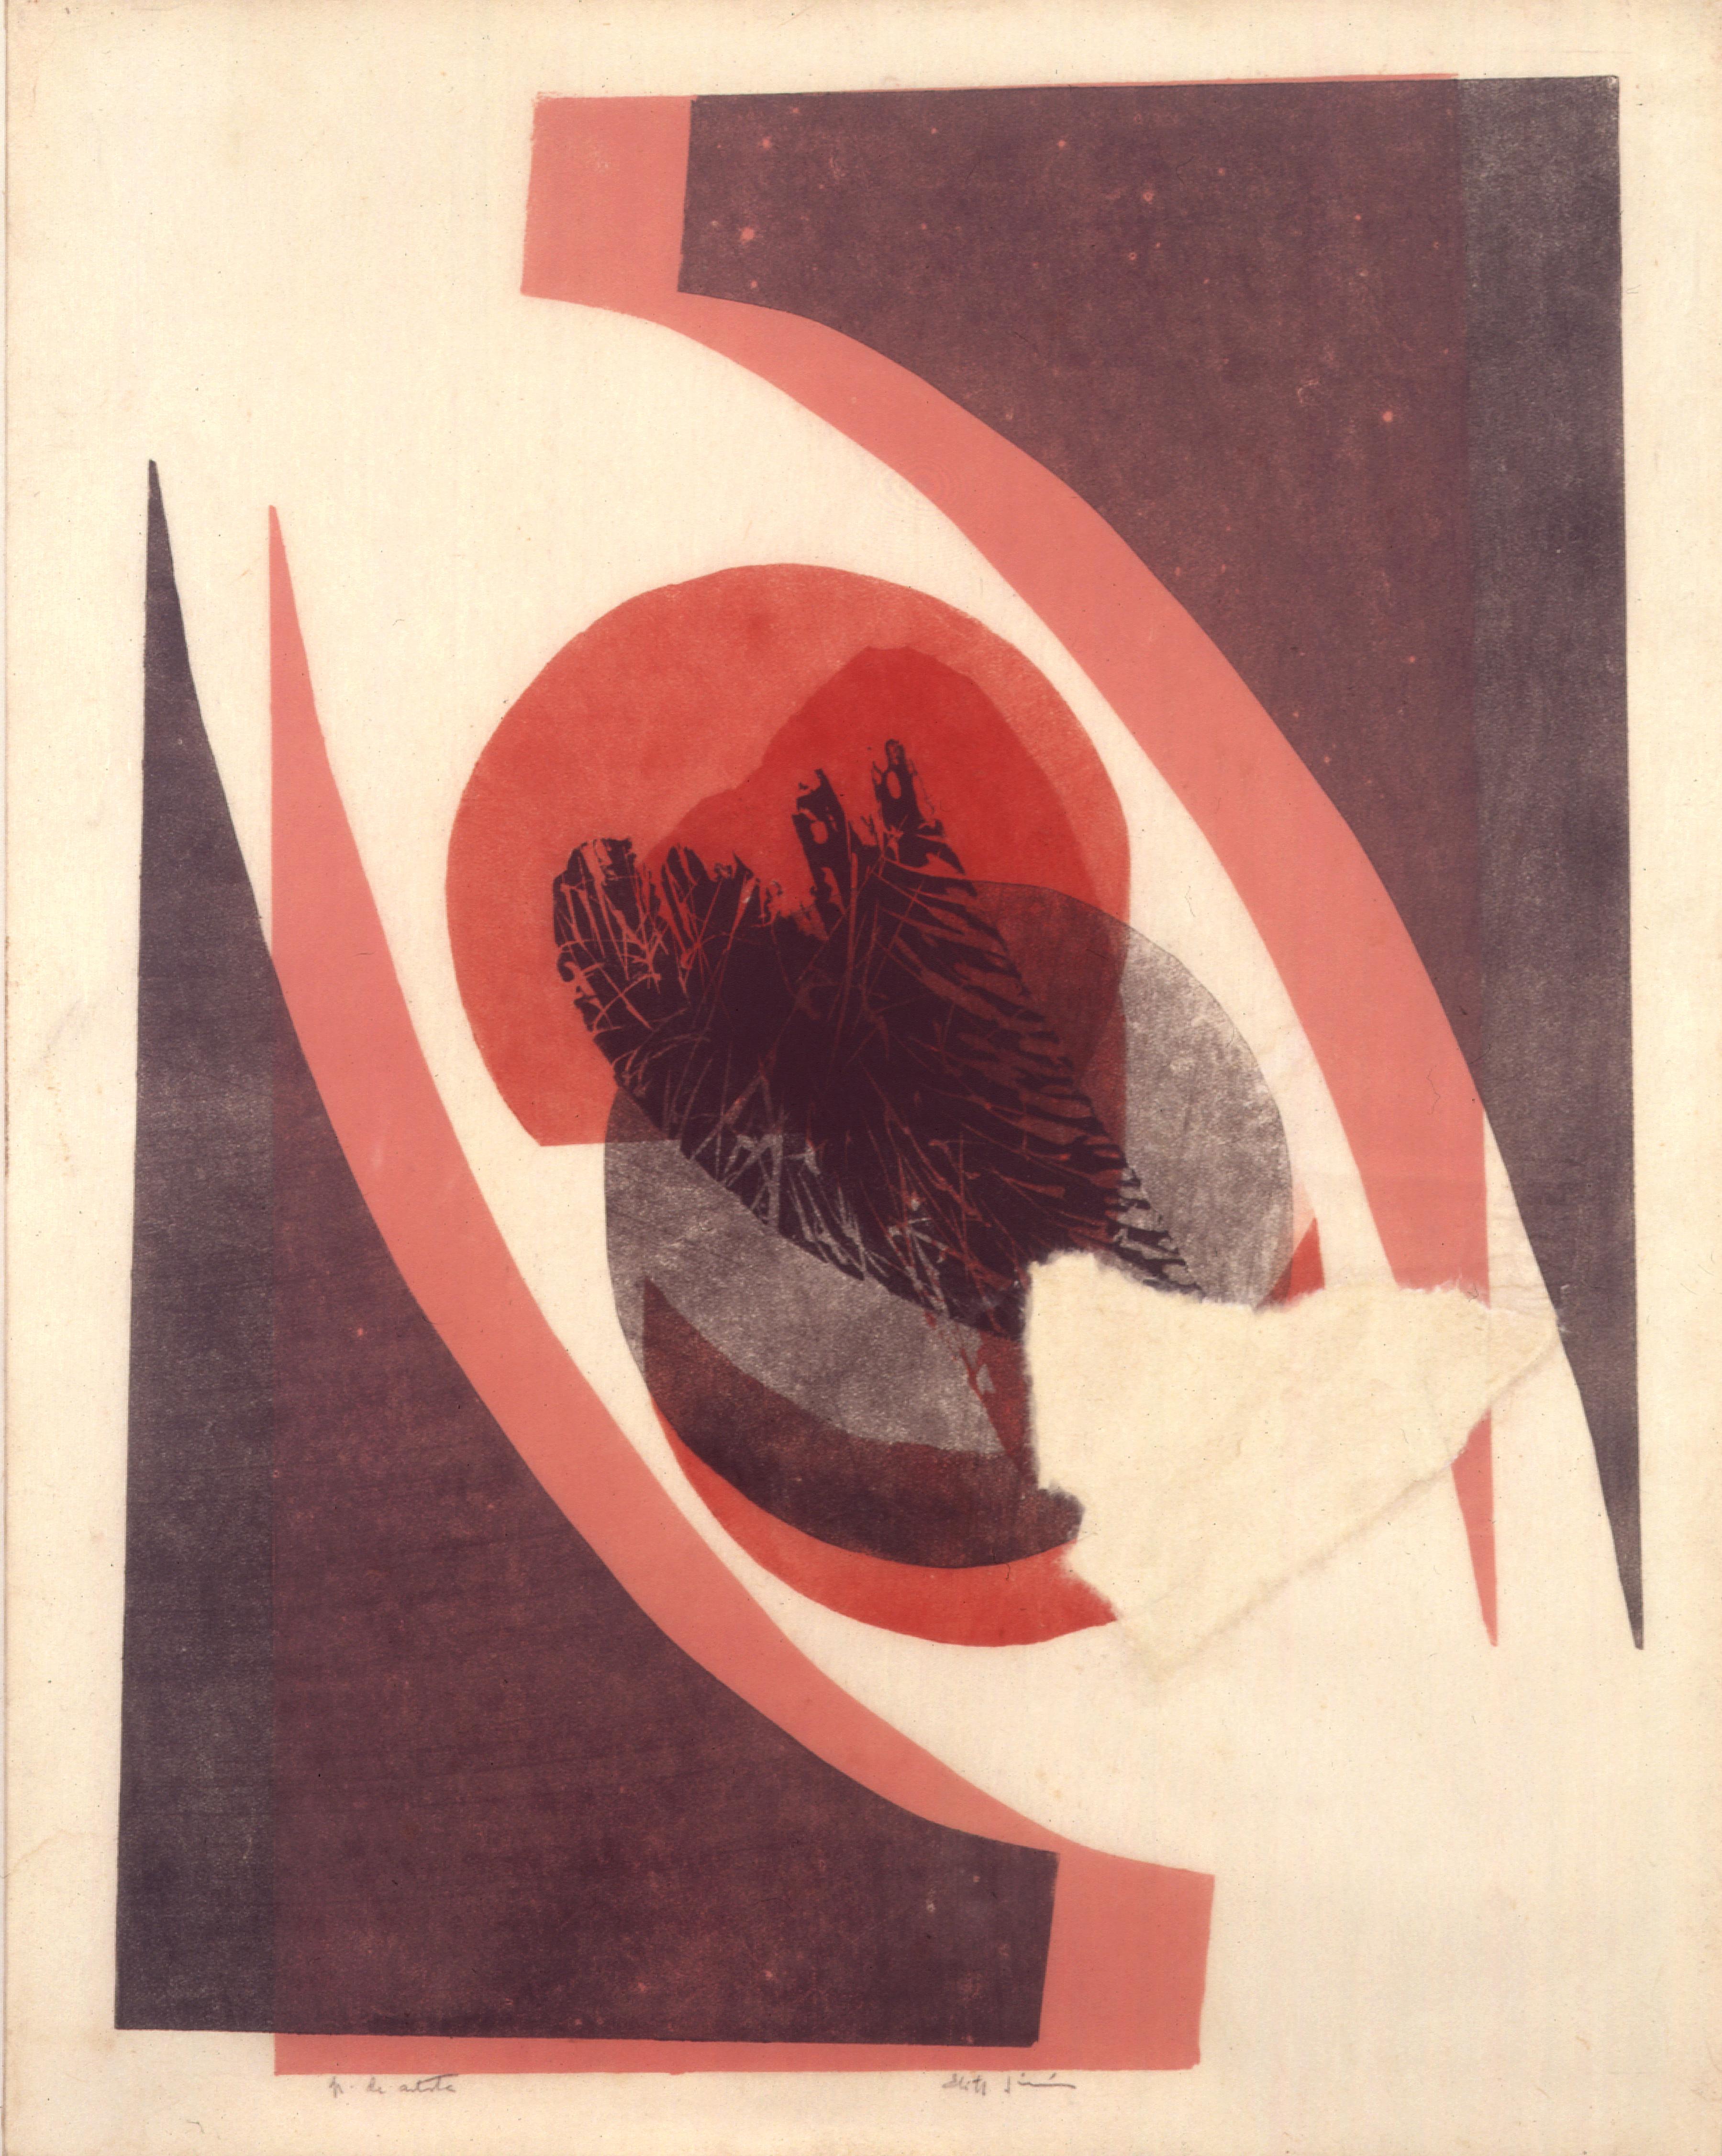 Folha Autor: Edith Jiménez  ANO: 1984  Técnica: Calcografia. Água-forte e Água-tinta e relevo  Dimensões: 55cm x 44cm